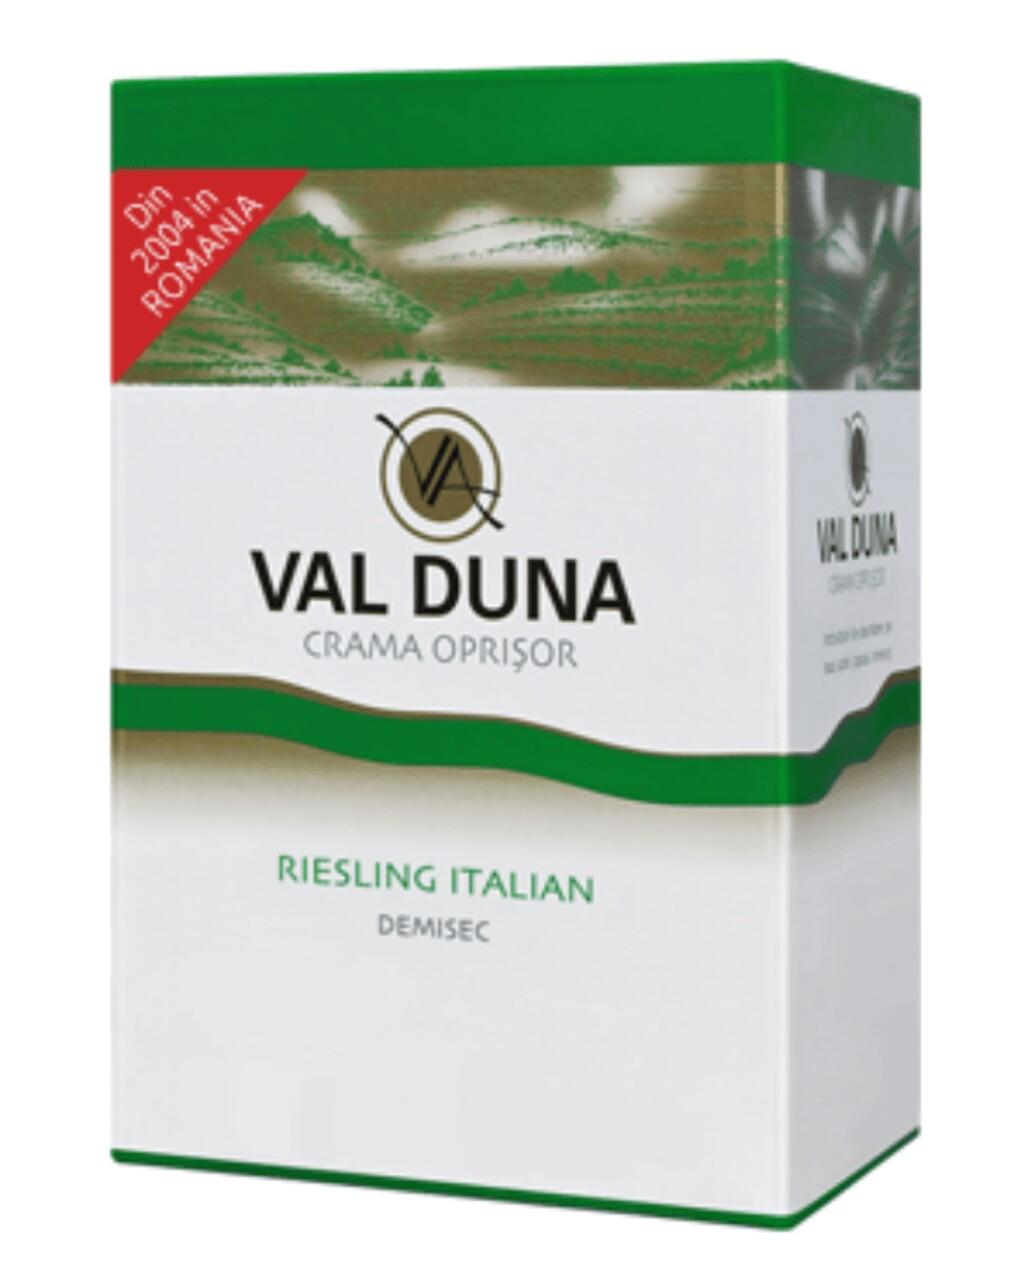 Oprisor Val Duna Riesling Italian BIB 3L